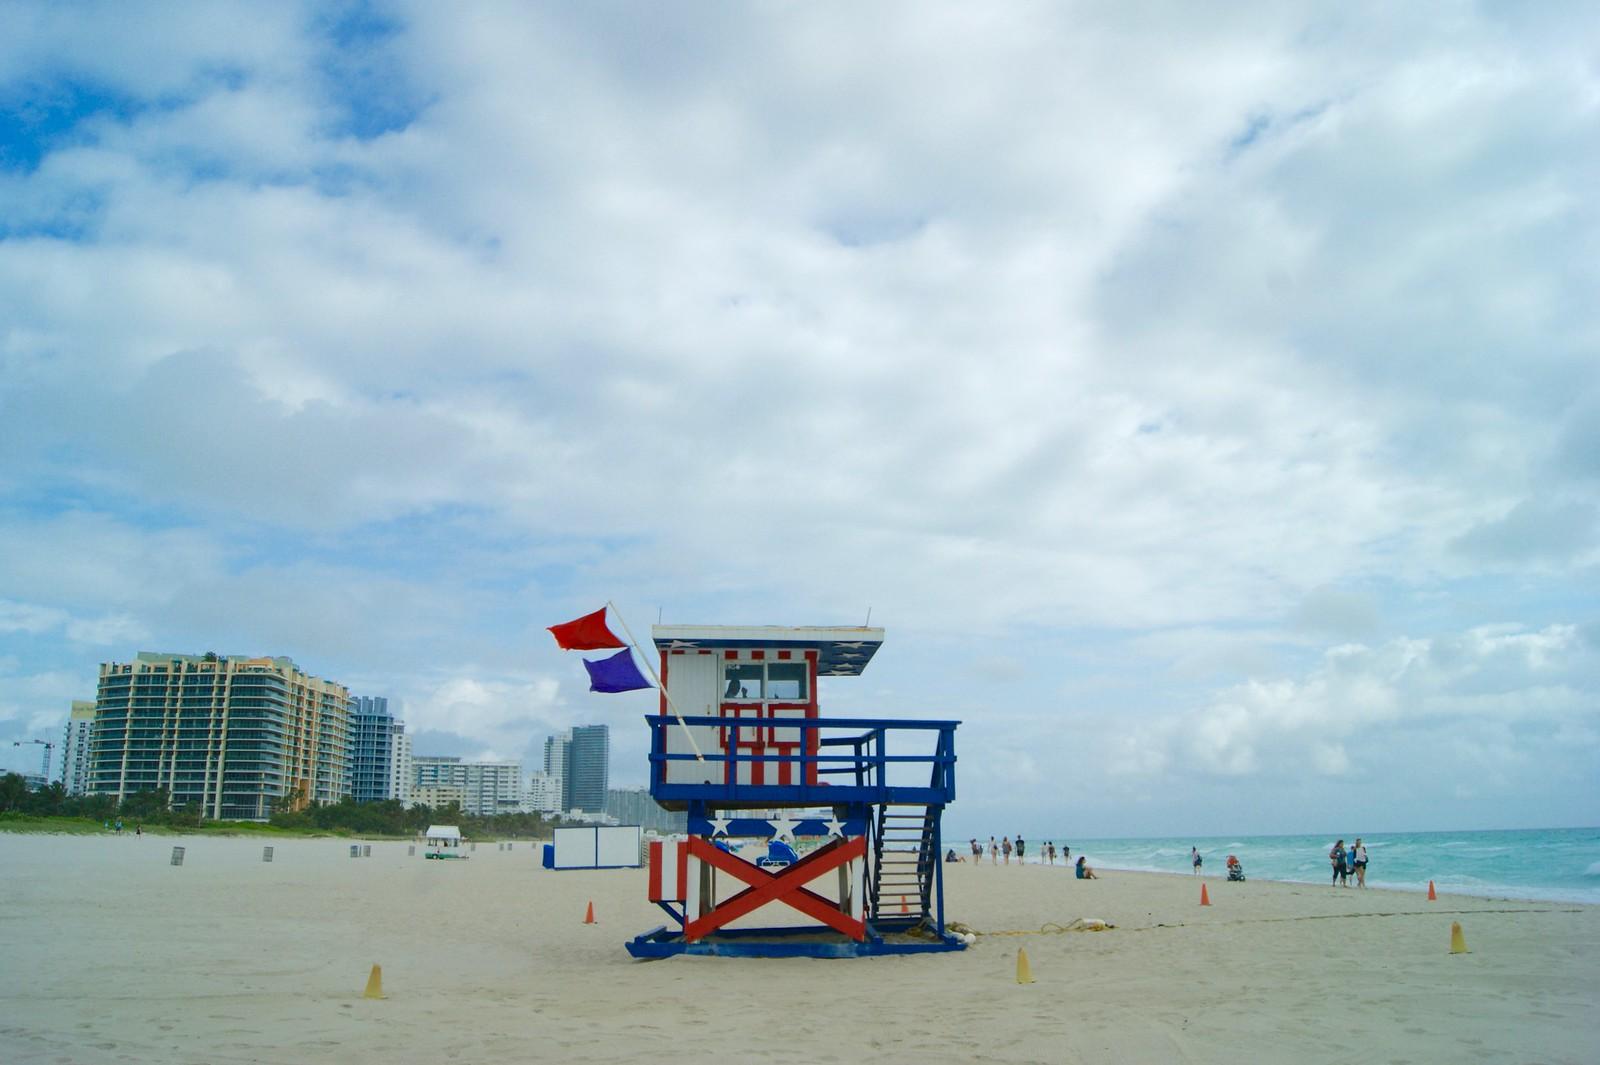 Miami Florida 25th 11